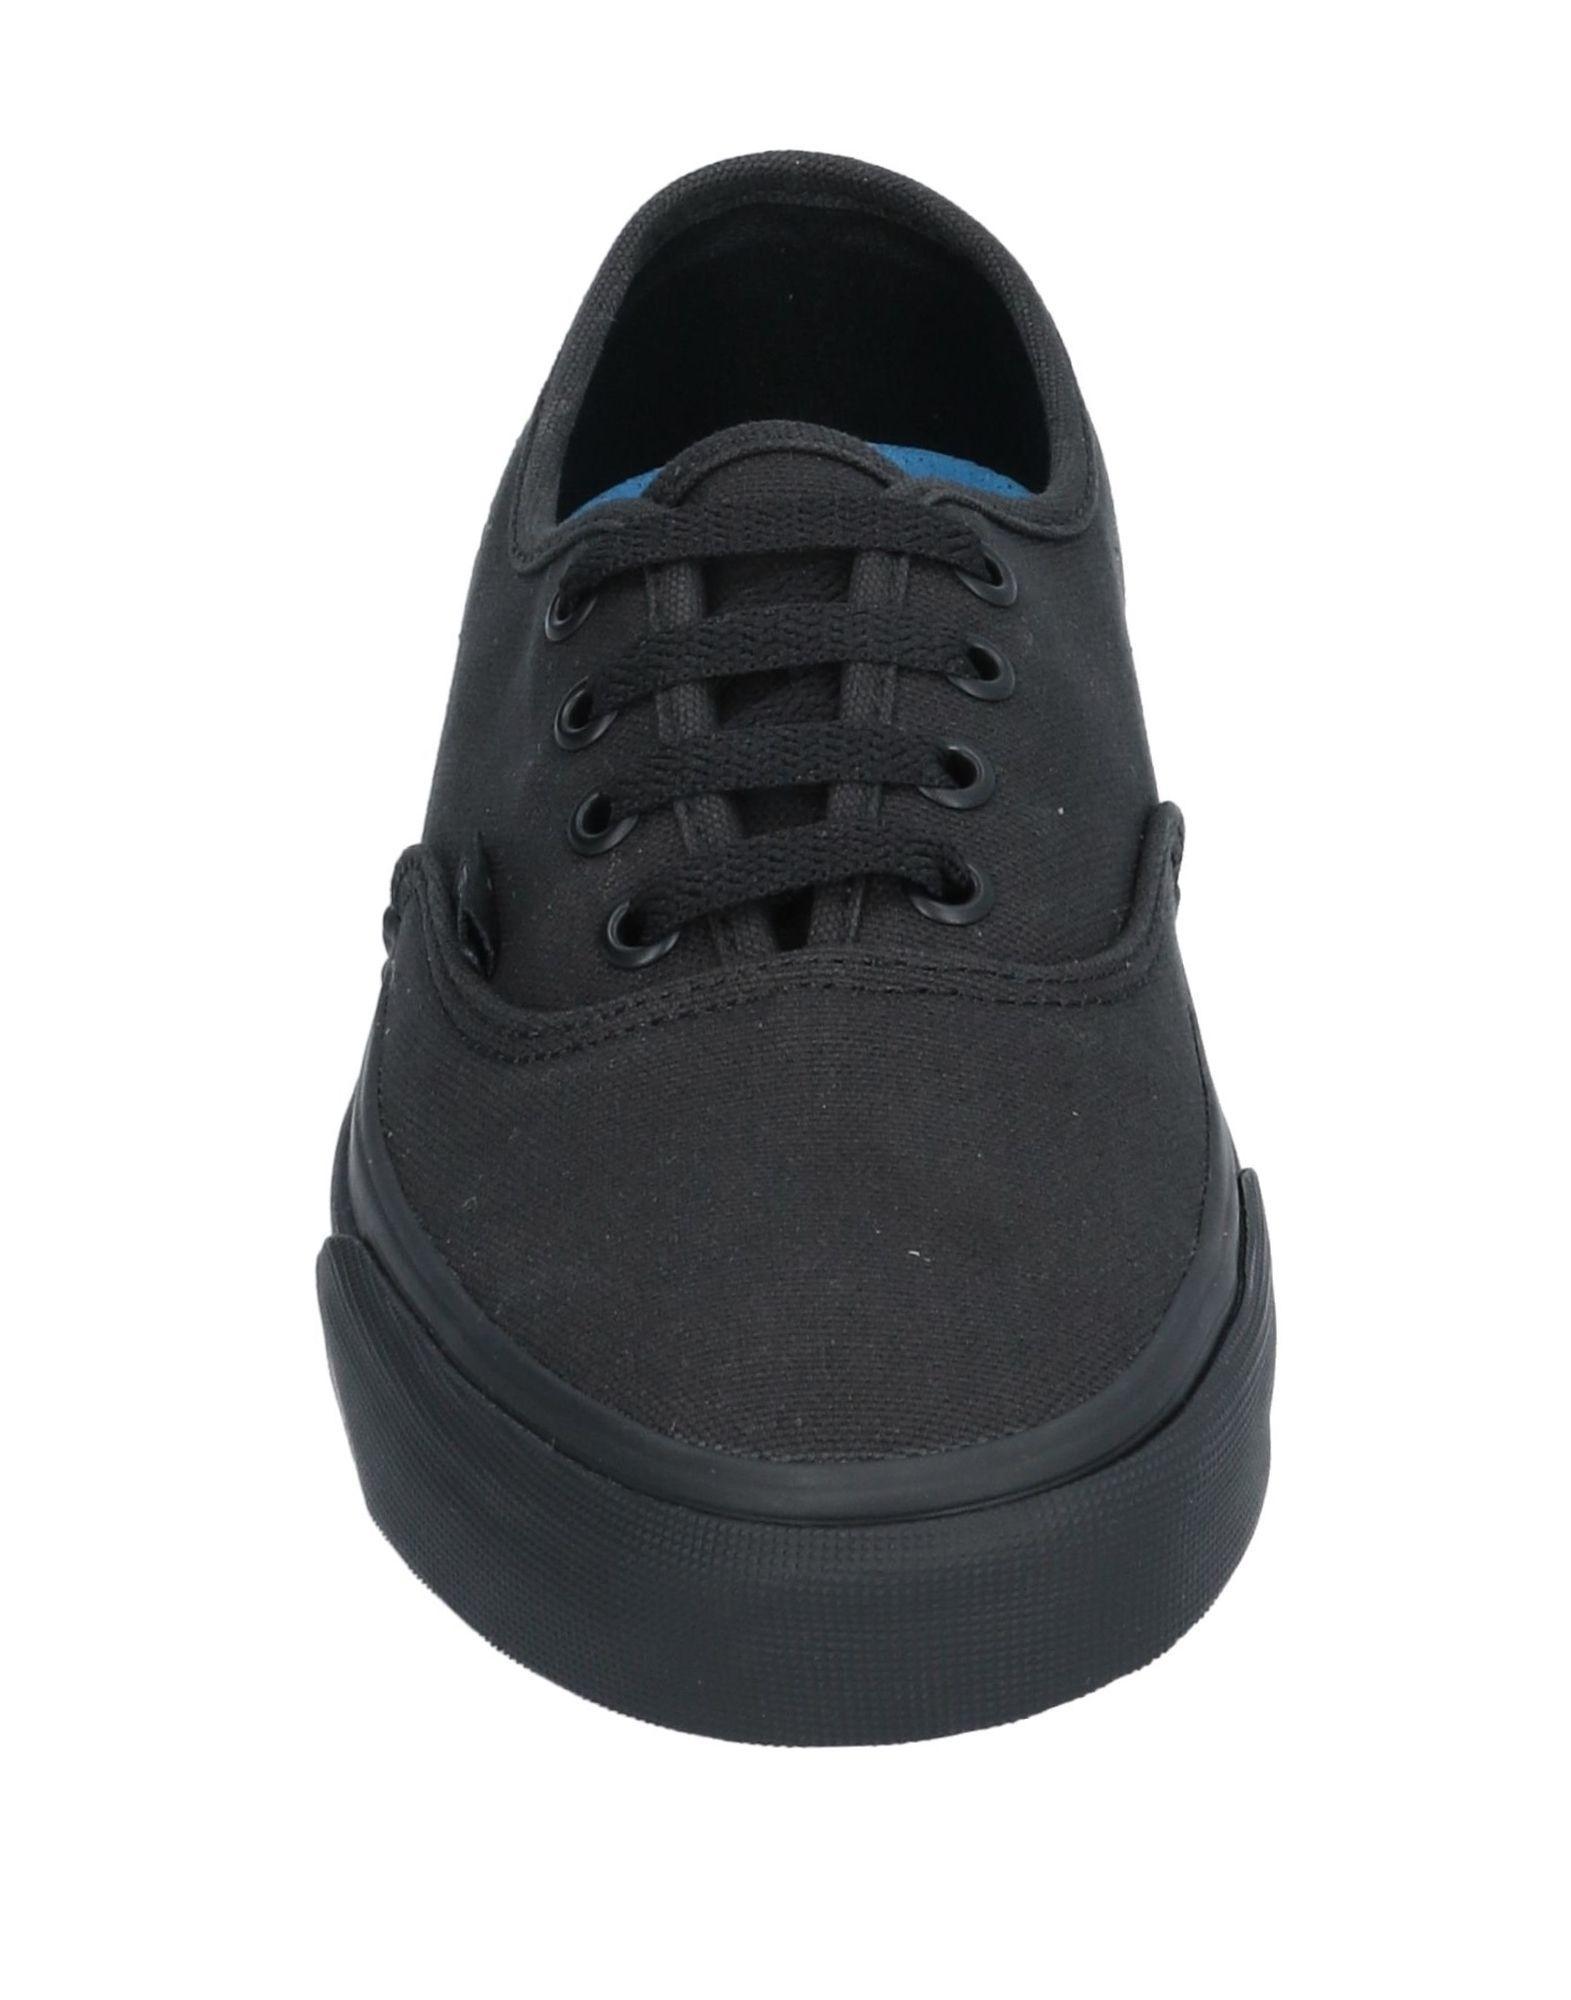 Sneakers & Tennis basses Vans en coloris Noir 0EkQ